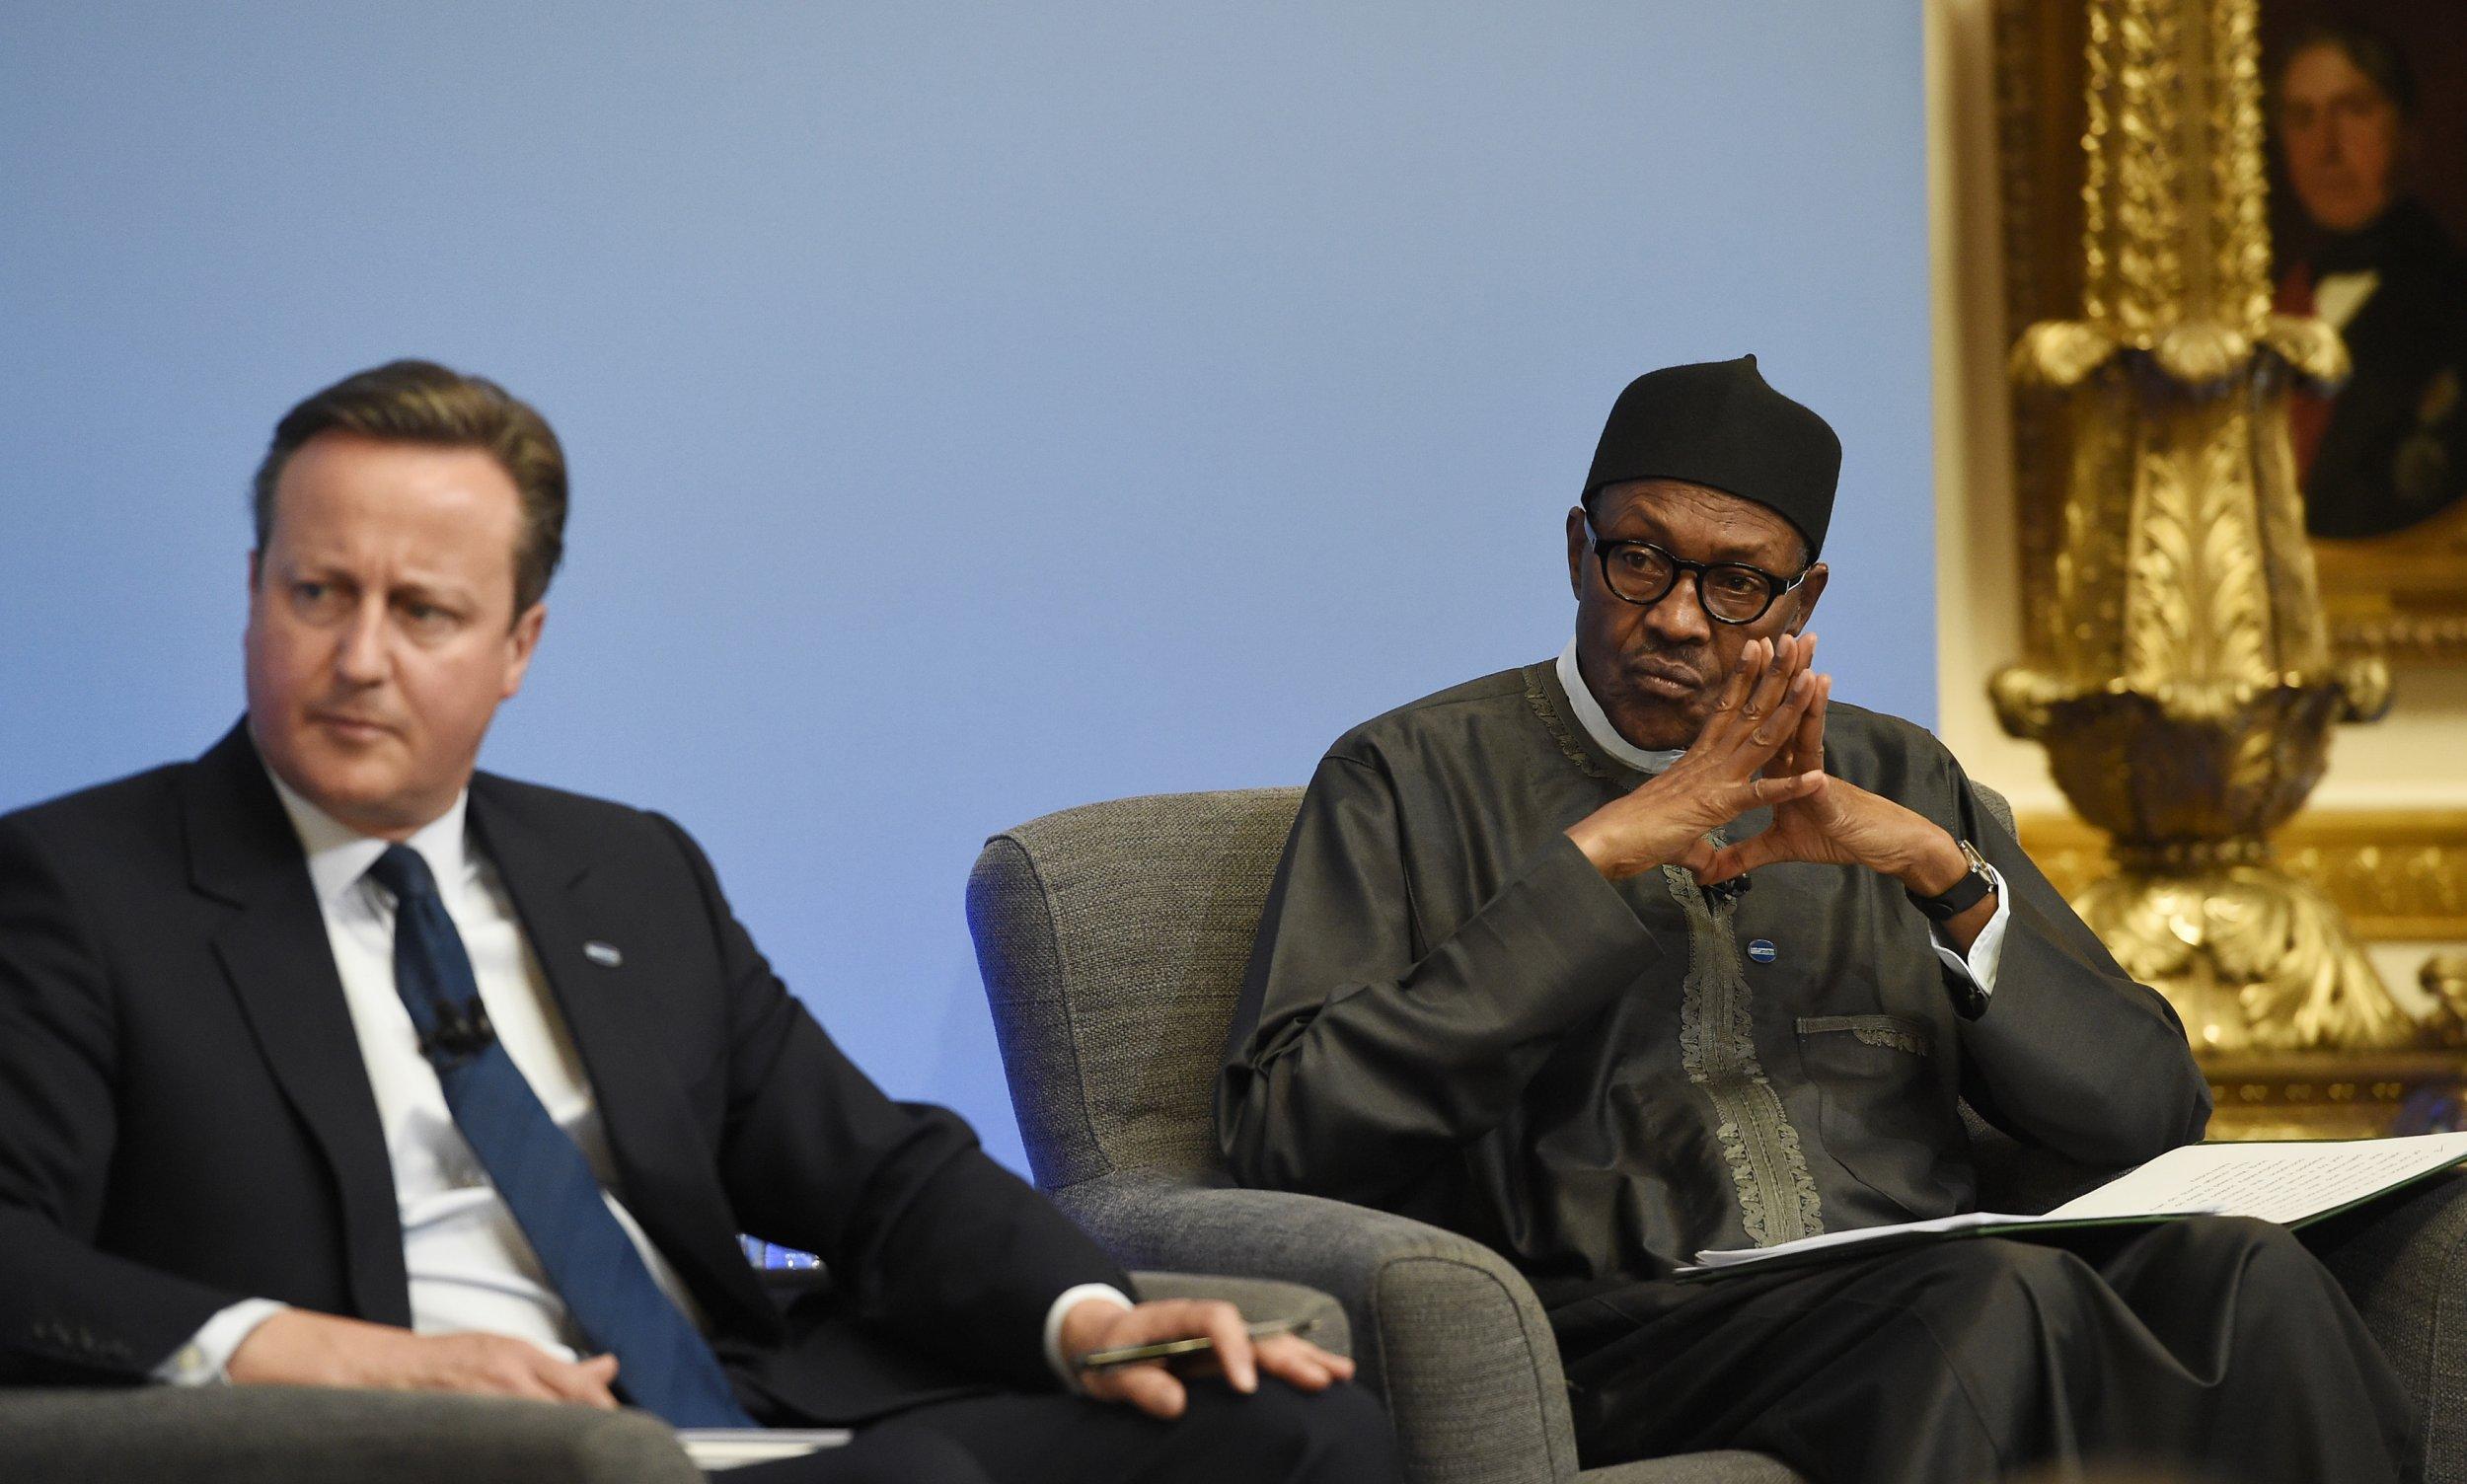 President Buhari with Cameron